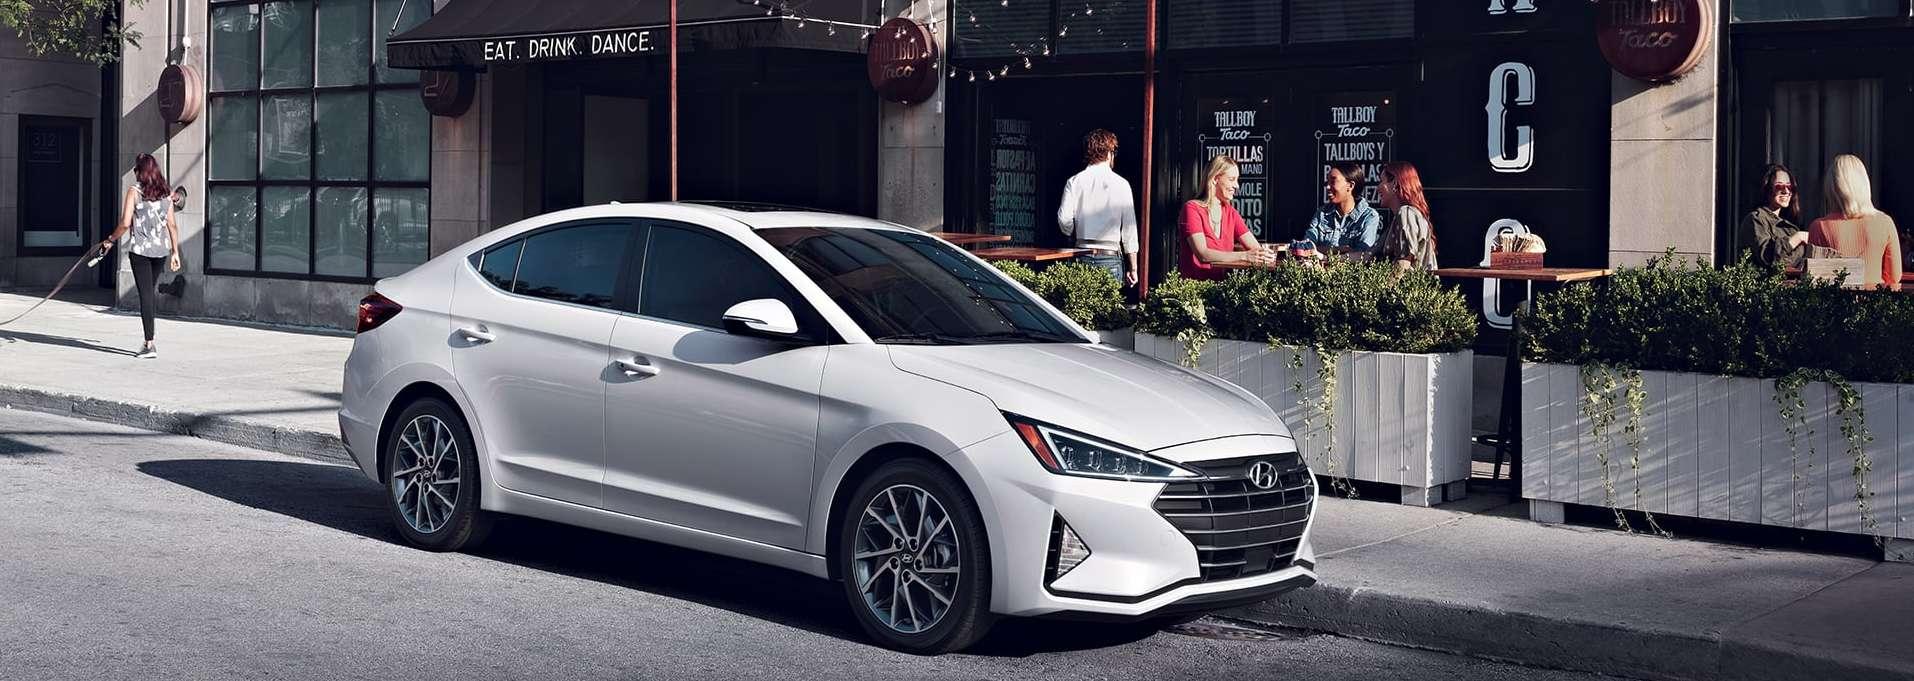 2020 Hyundai Elantra Leasing near Glen Allen, VA